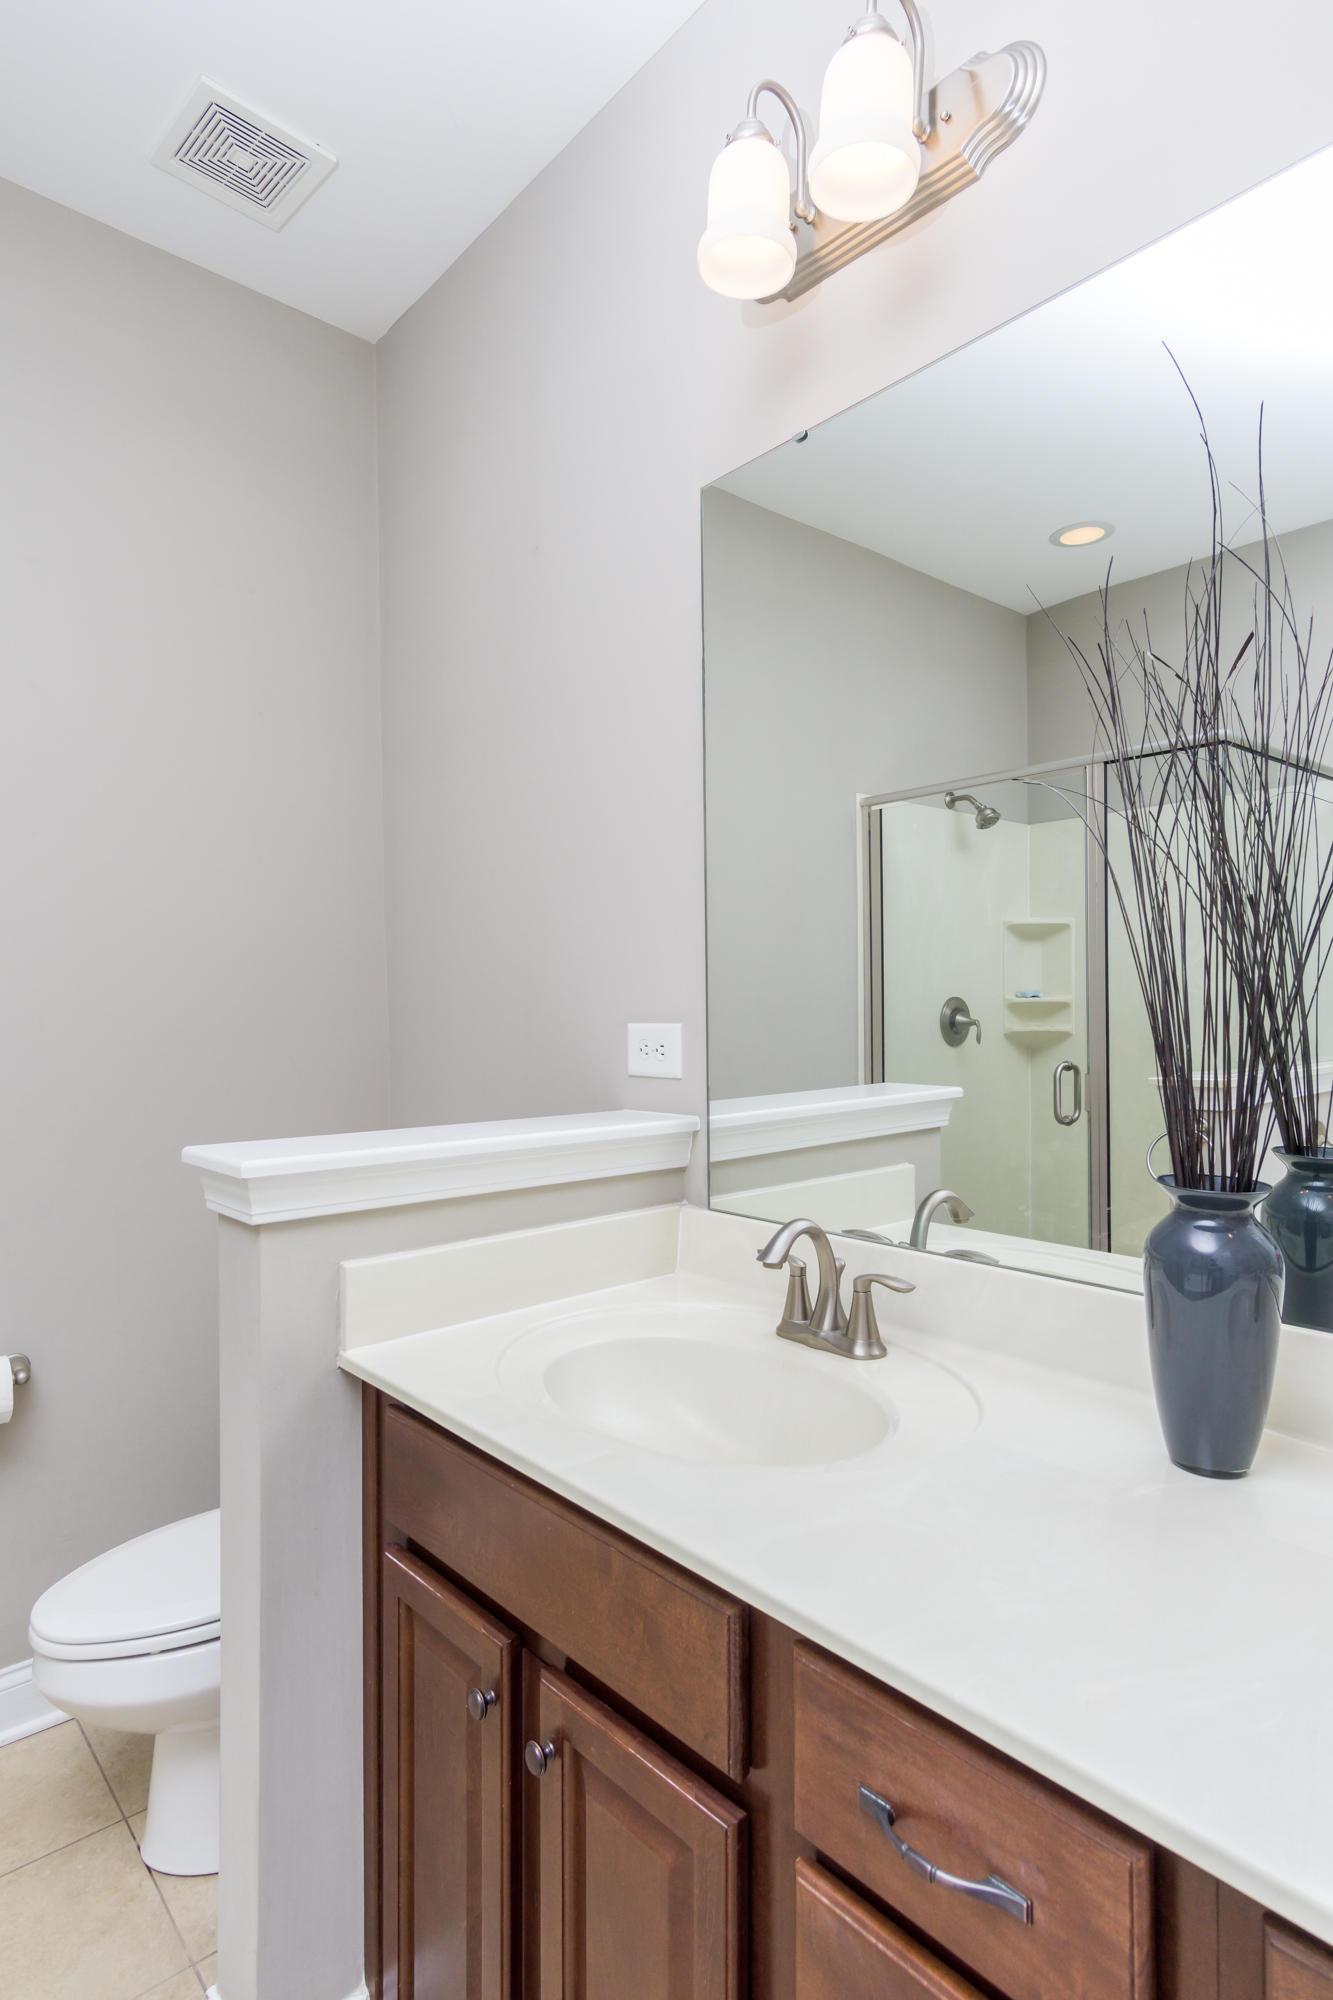 Linnen Place Homes For Sale - 2643 Lohr, Mount Pleasant, SC - 12